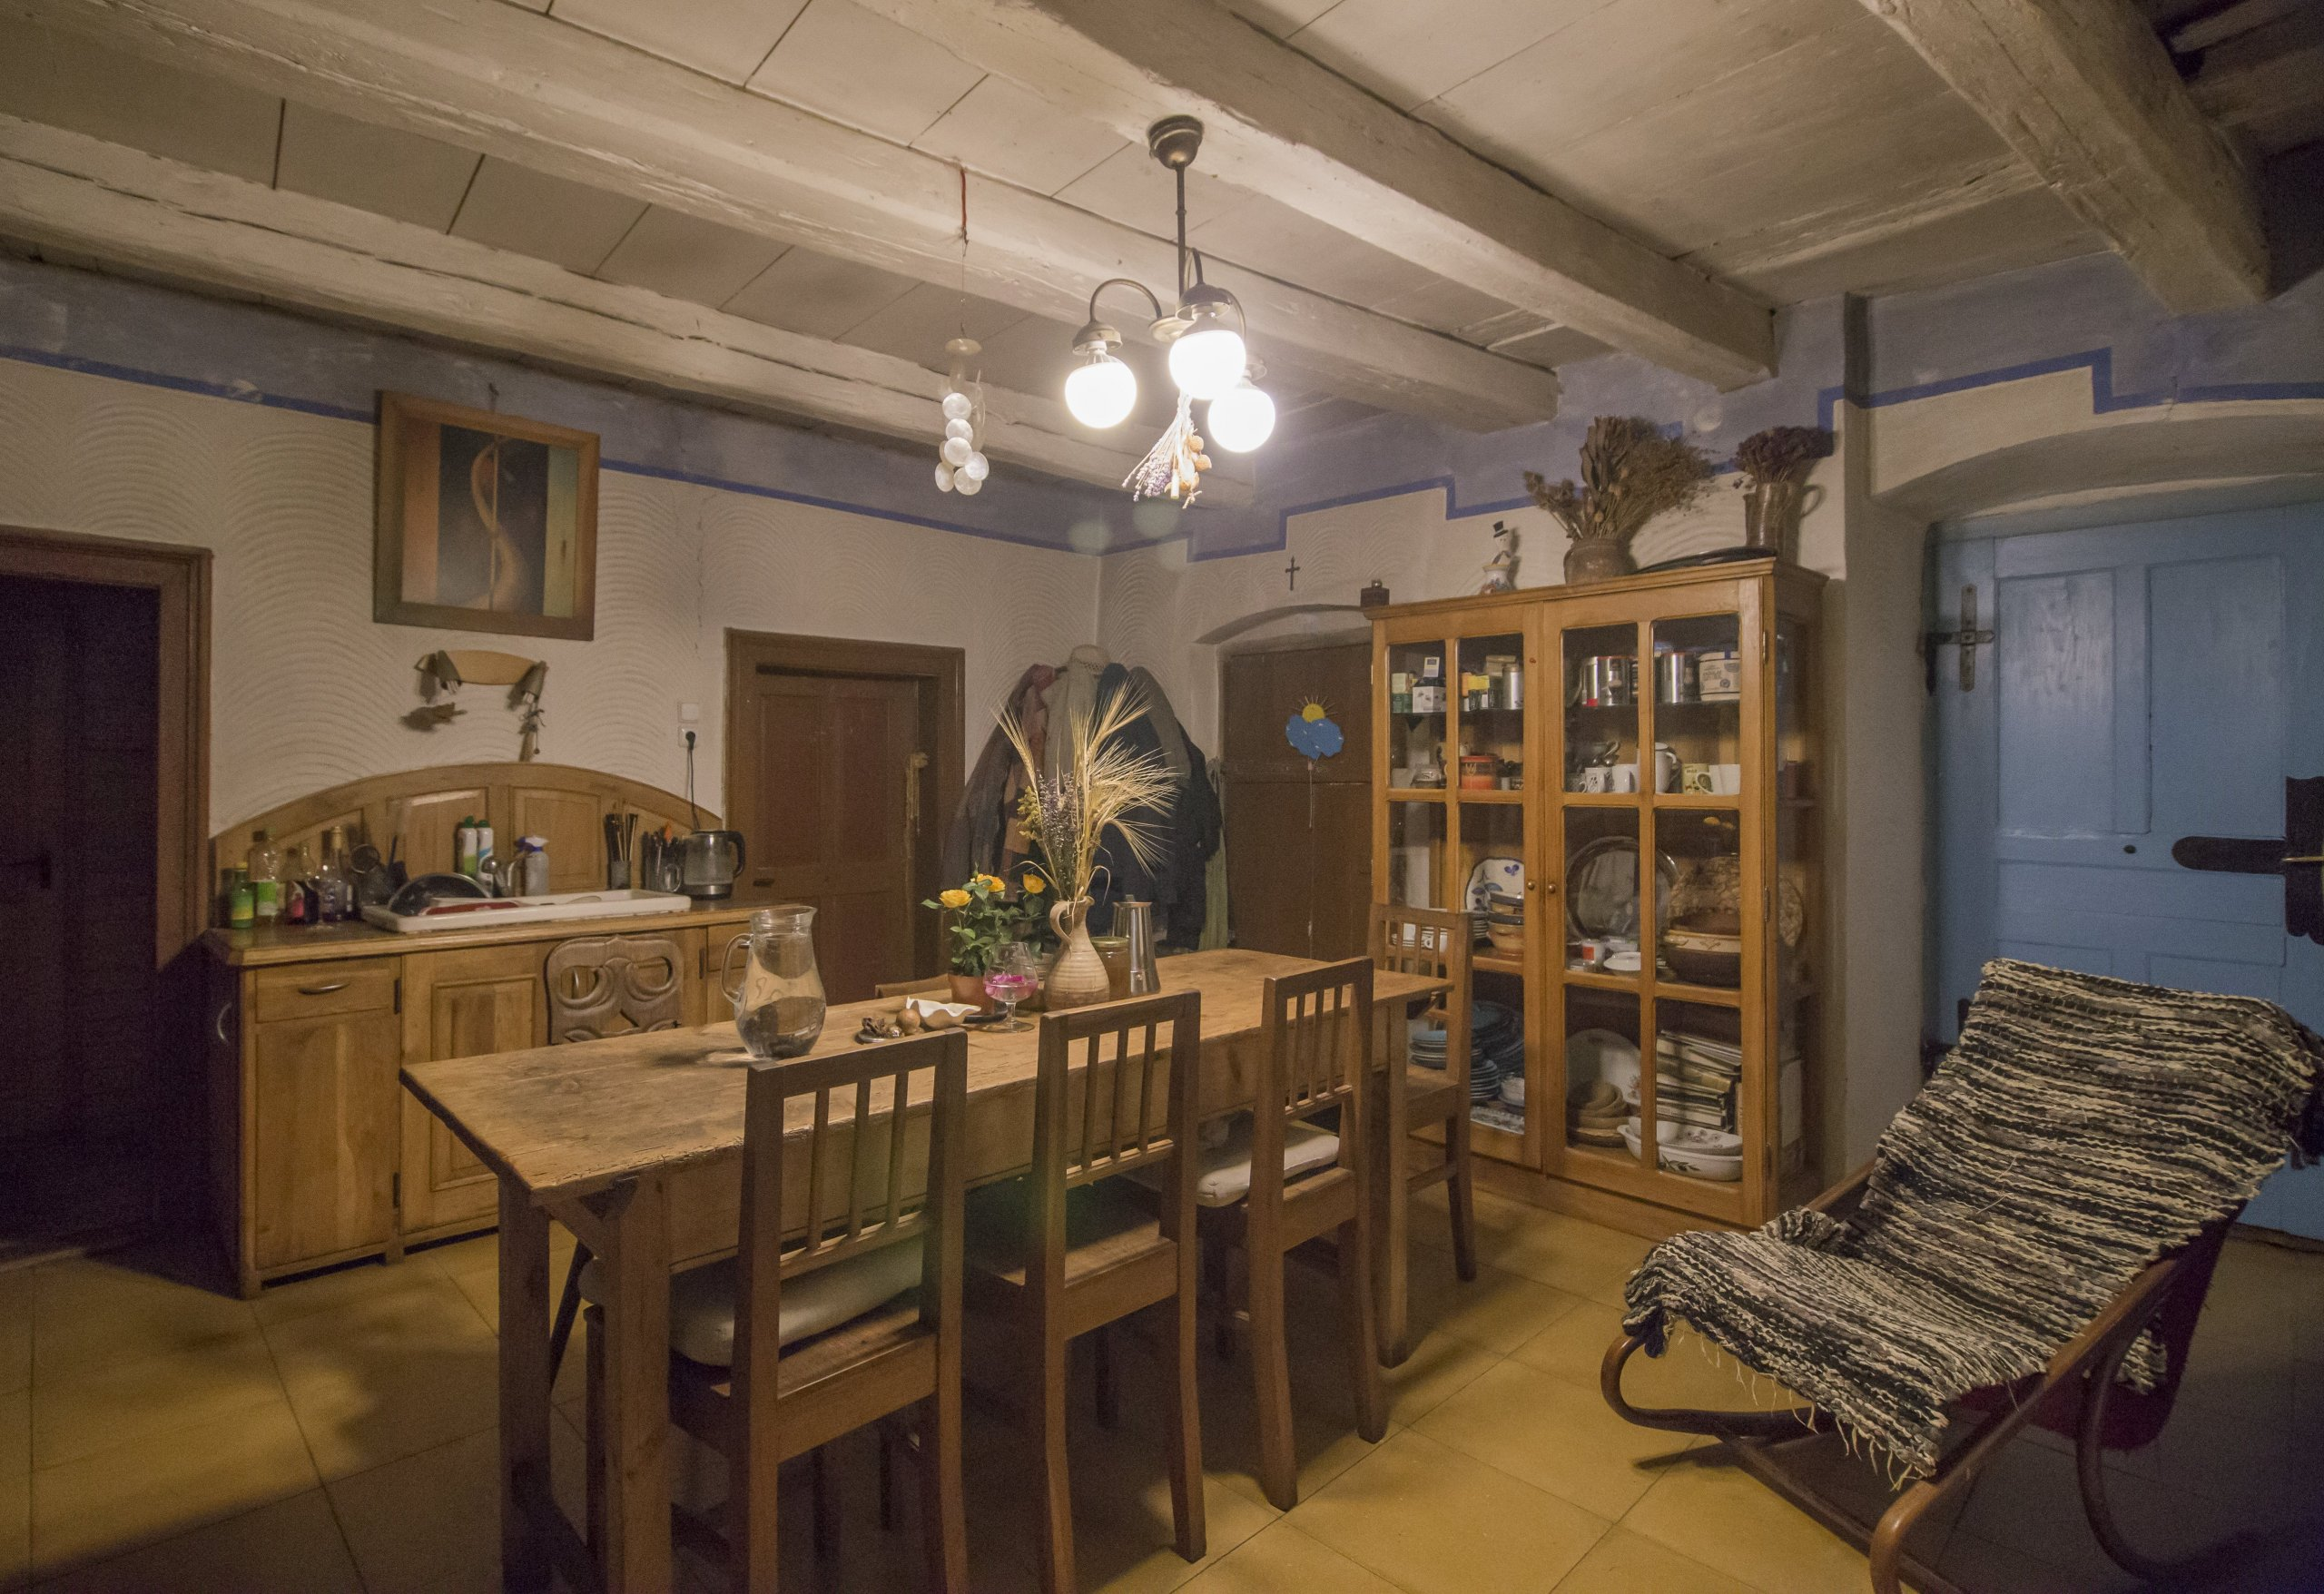 Rekonstrukce památky lidové architektury u Vyškova. Dům je postaven z nepálených cihel, omítnutý z exteriéru i interiéru hliněnou omítkua opatřený prodyšným…